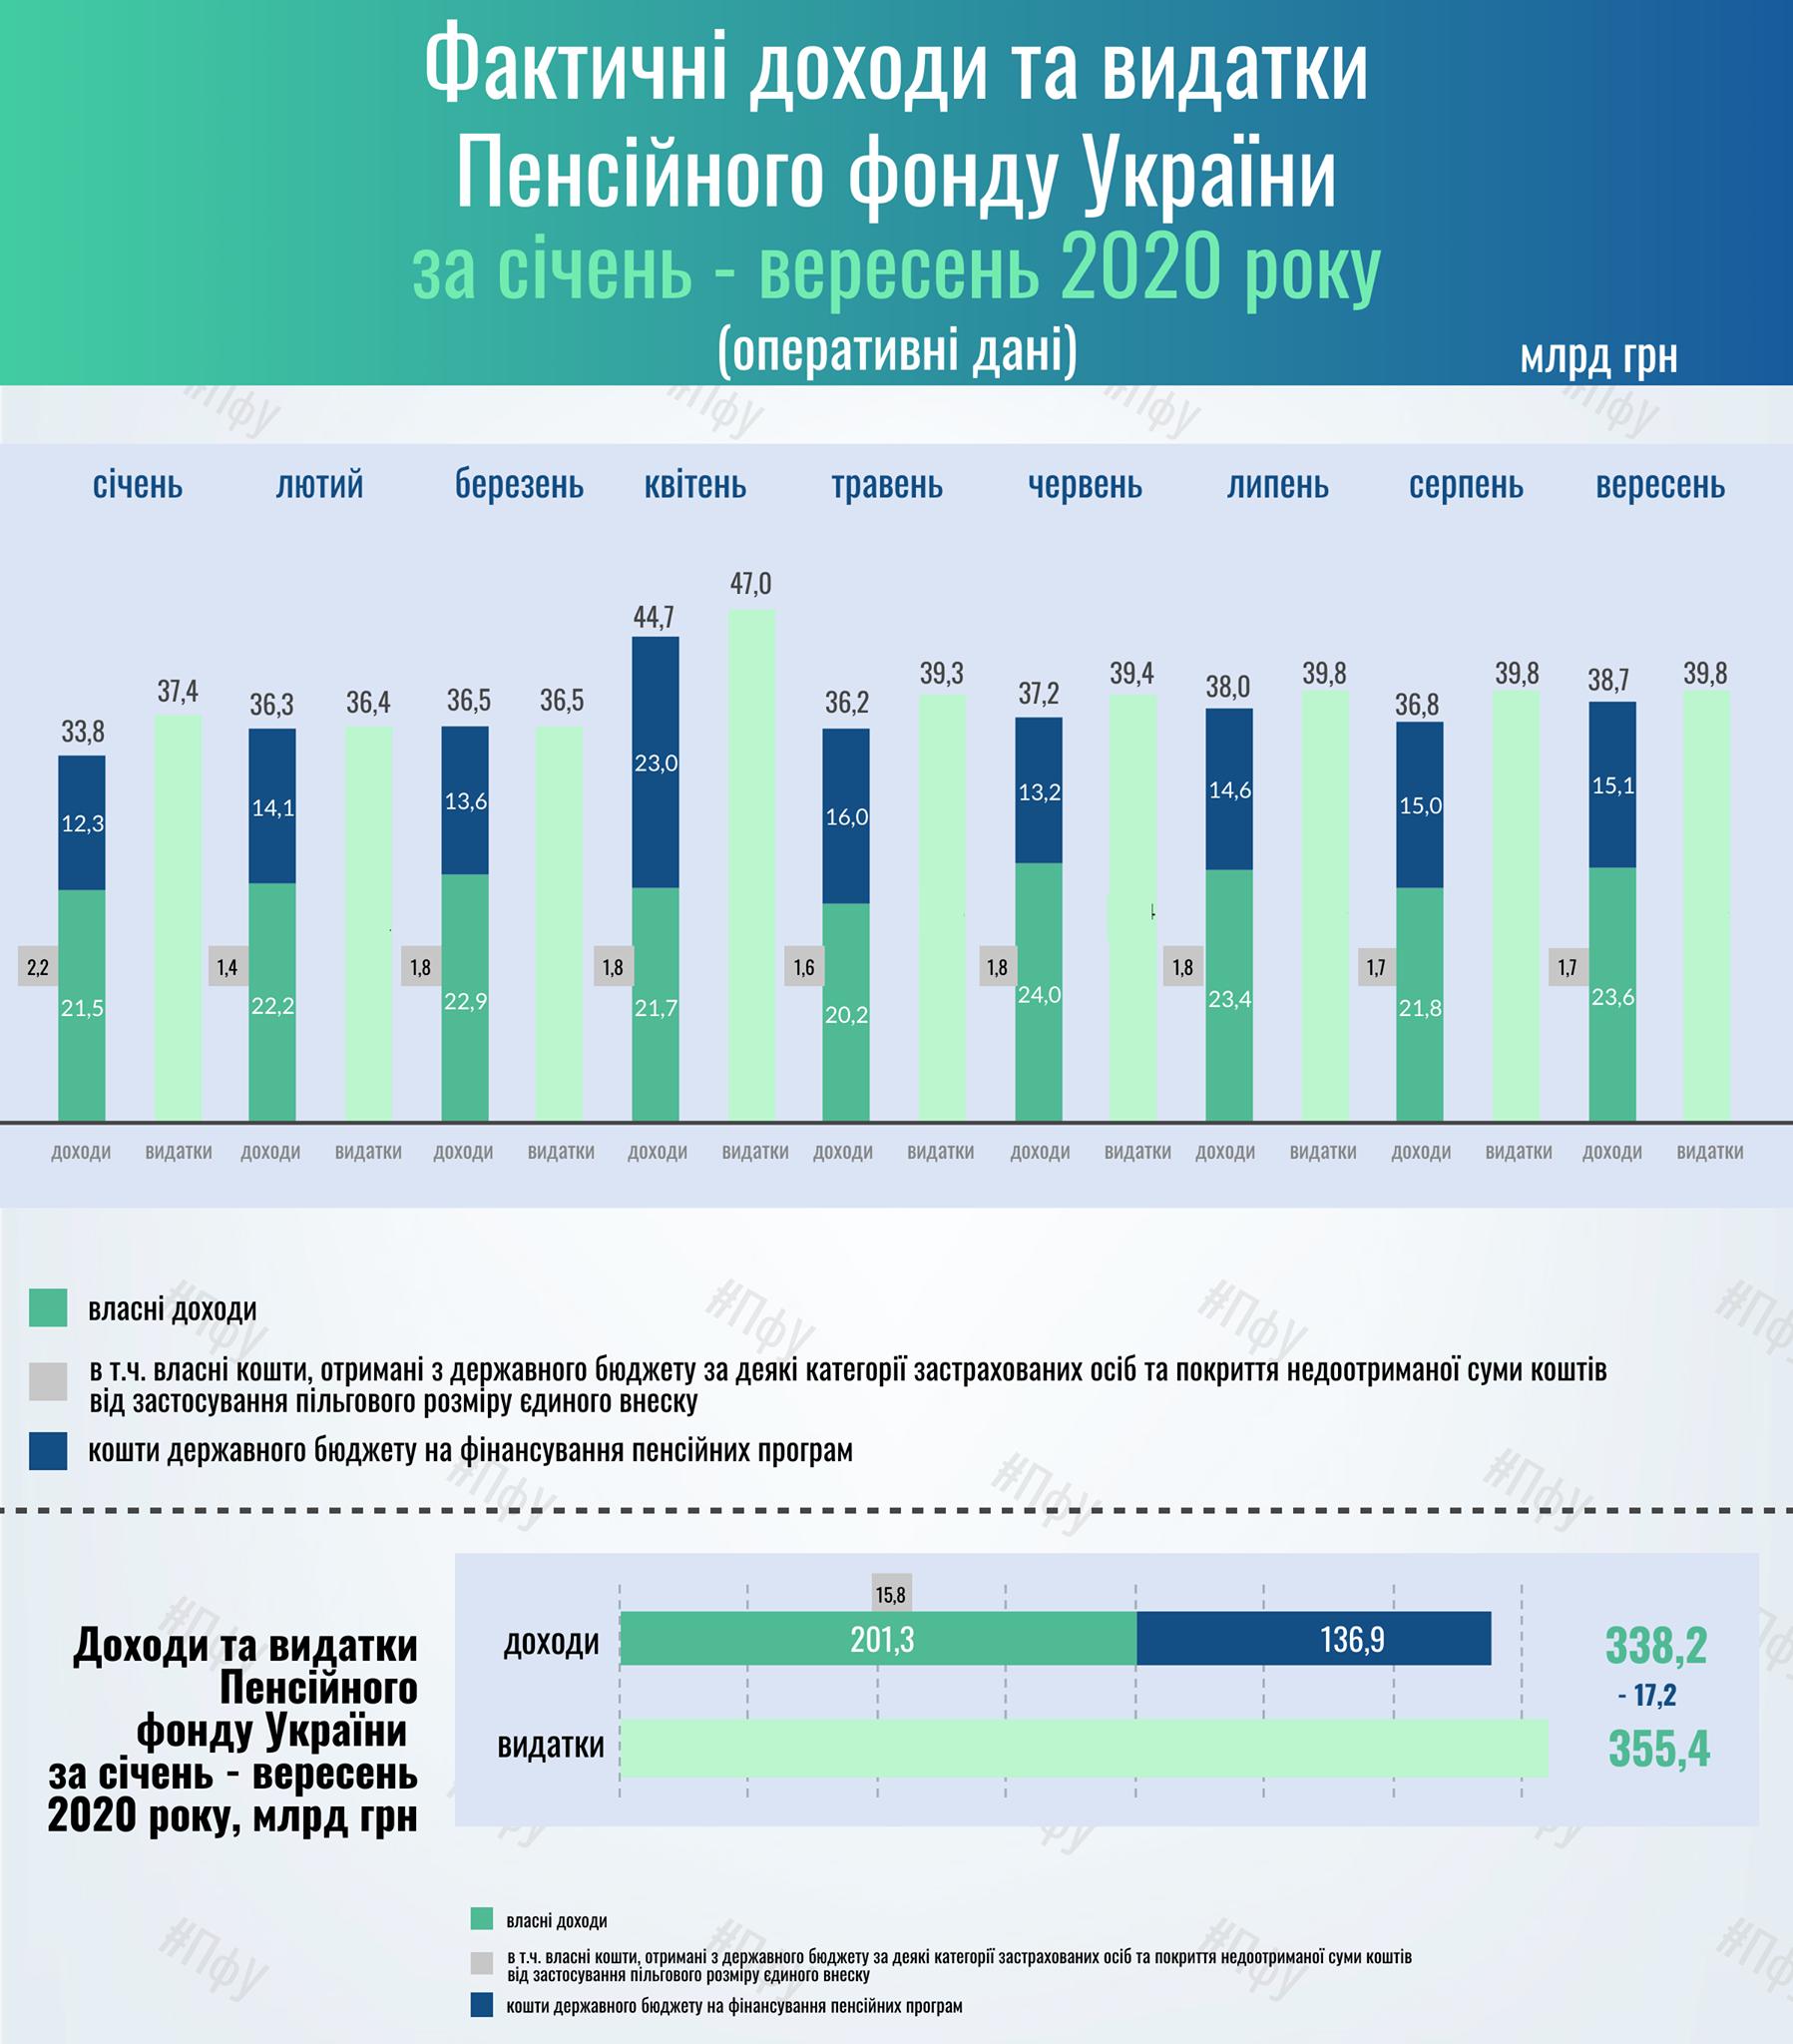 Дефицит Пенсионного фонда Украины перевалил за 17 млрд грн